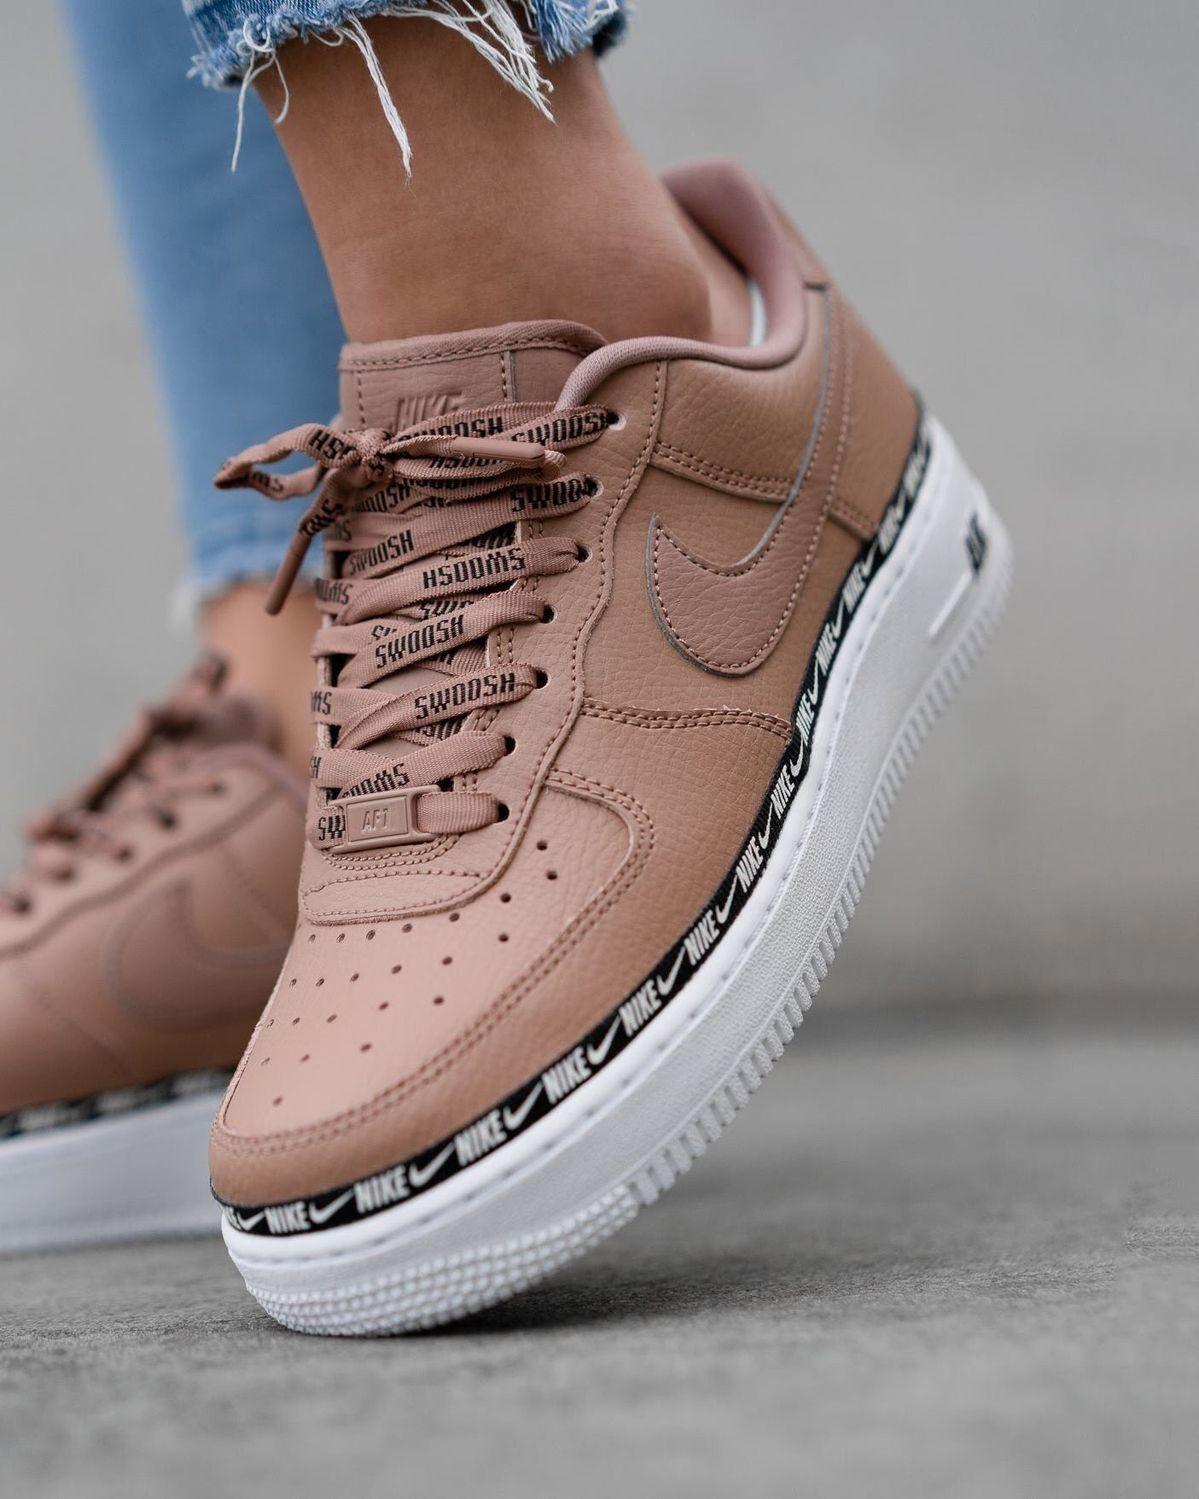 4f9753601 400 - 450 Tênis Nike, Sapatos Vans, Sapatos De Grife, Sapatos Chiques,